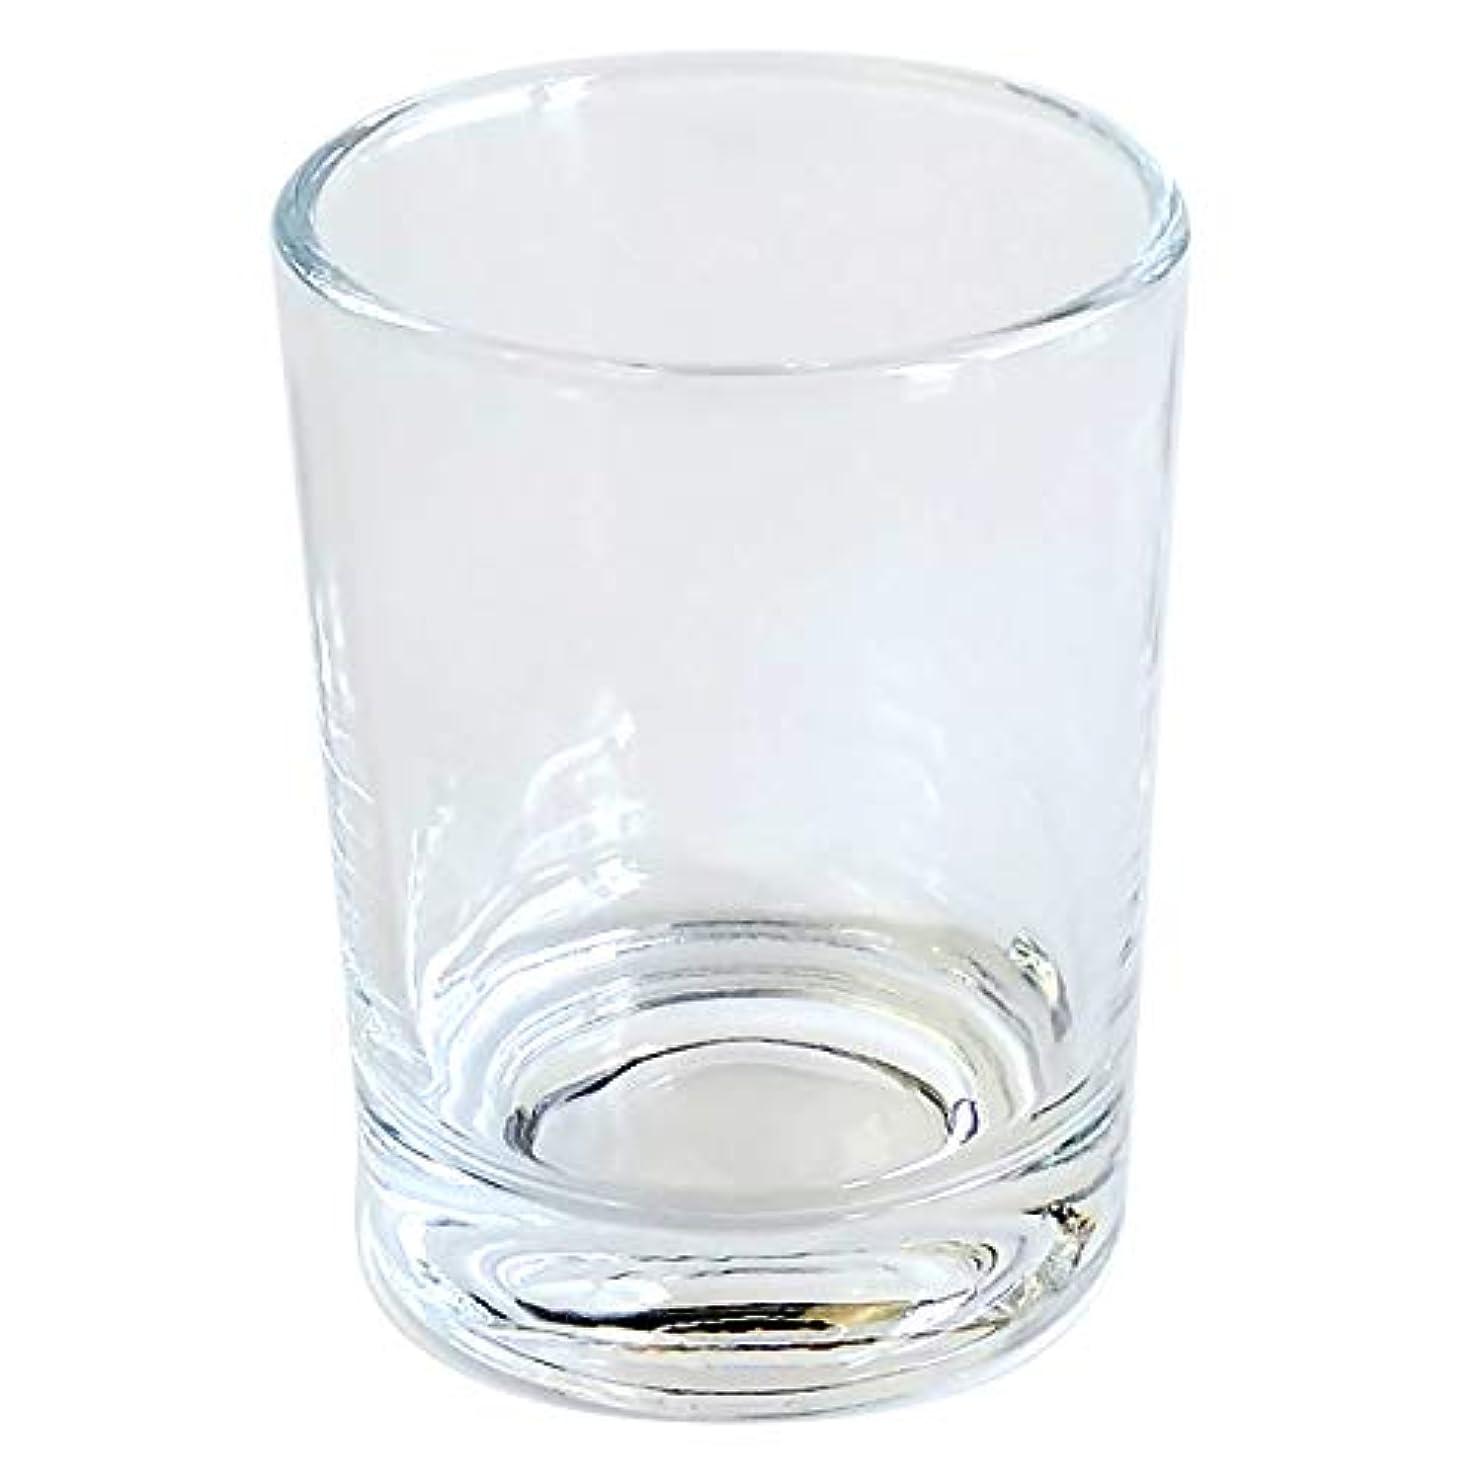 ブレース肉腫このキャンドルホルダー ガラス シンプル[大] 1個 キャンドルスタンド ろうそく立て おしゃれ